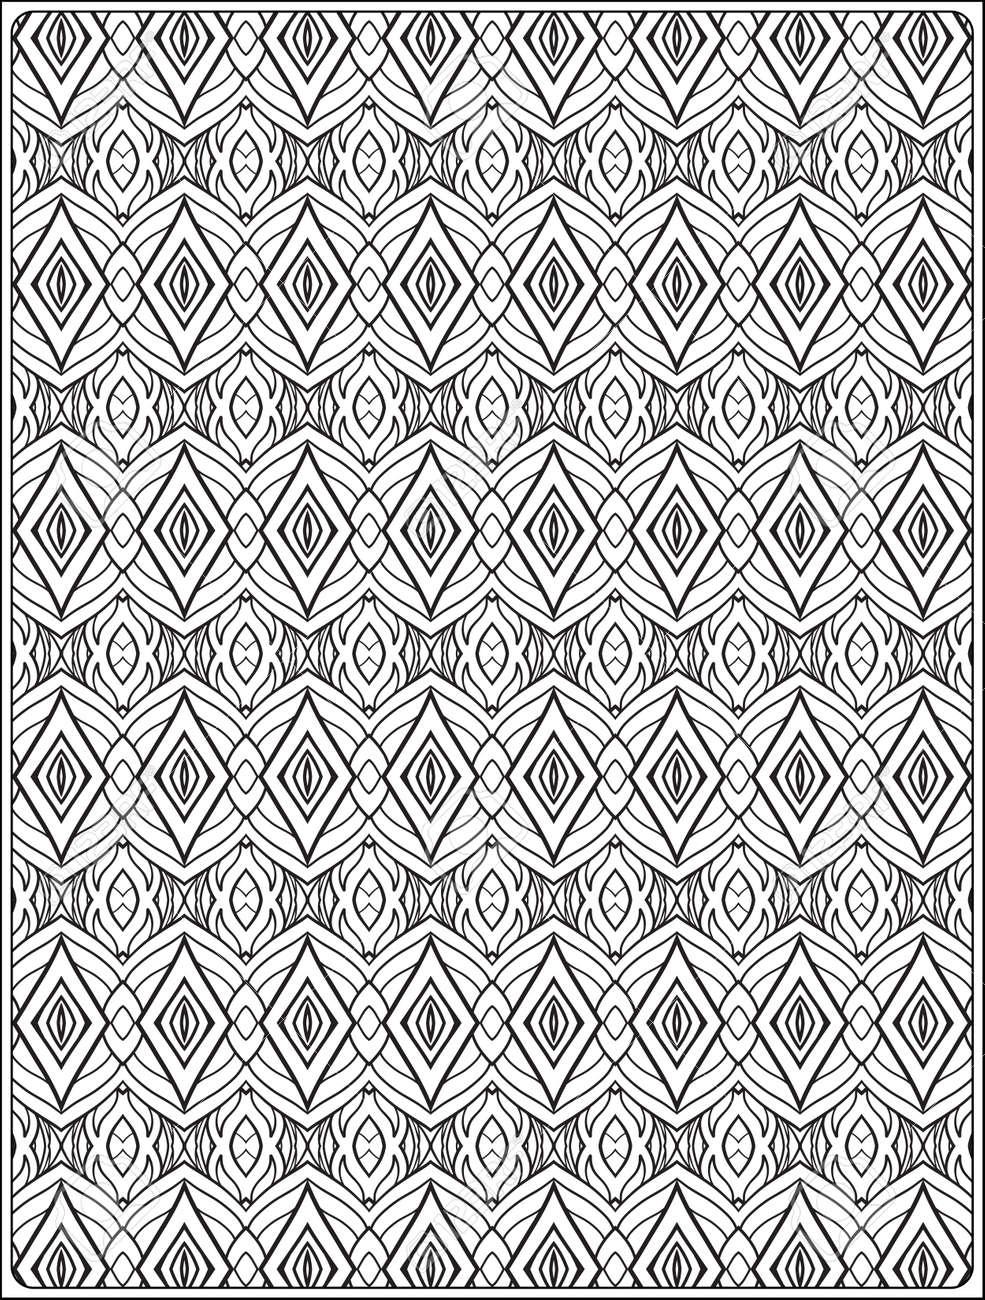 Ornamental Muster Anti-Stress Entspannung Malbuch Für Erwachsene Und ...